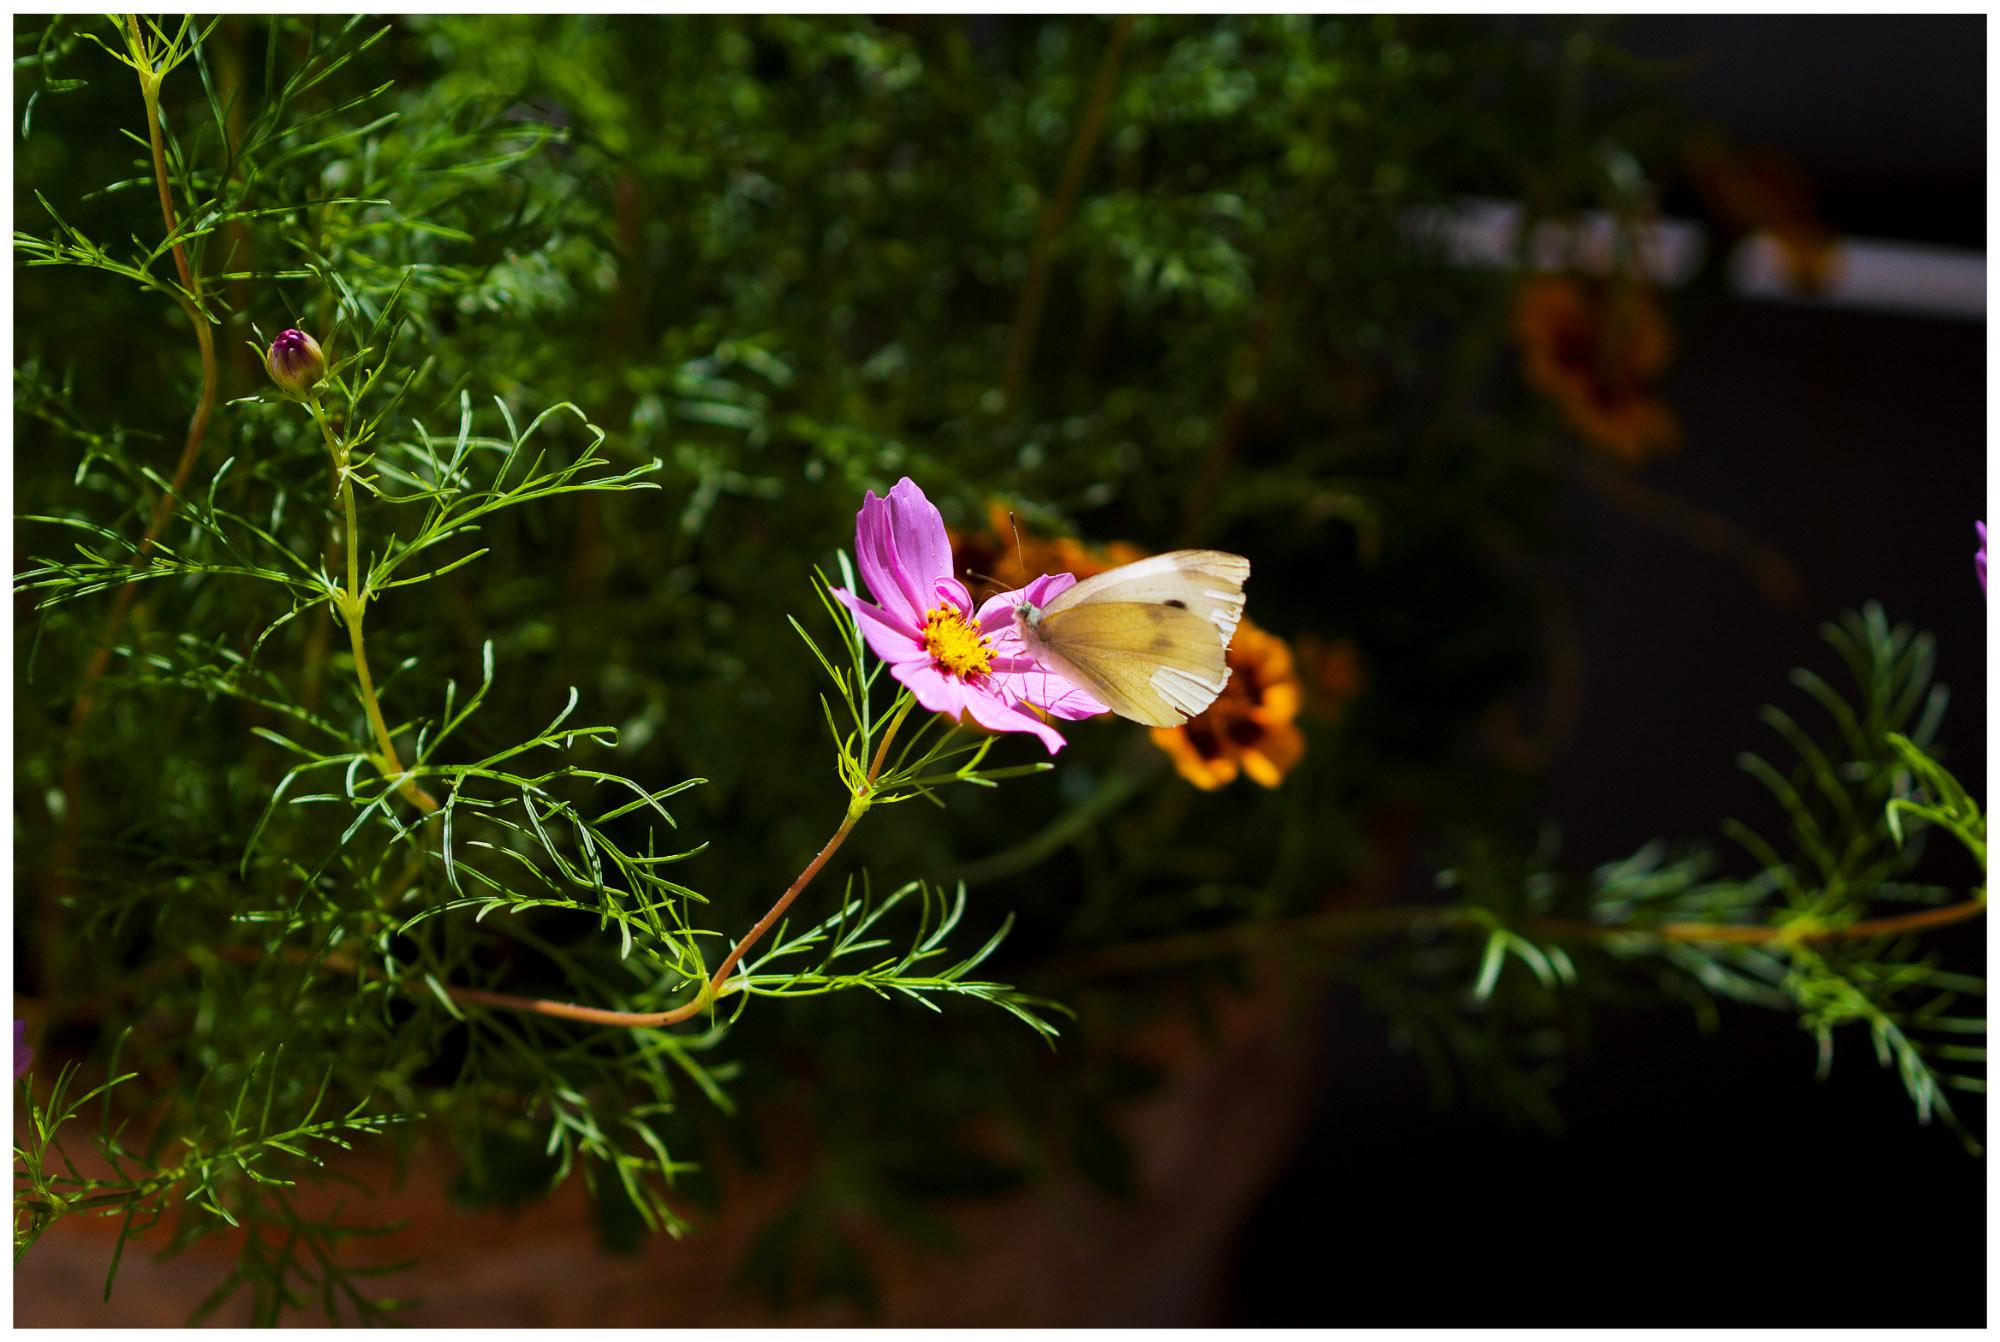 chris_m / Schmetterlingsbesuch